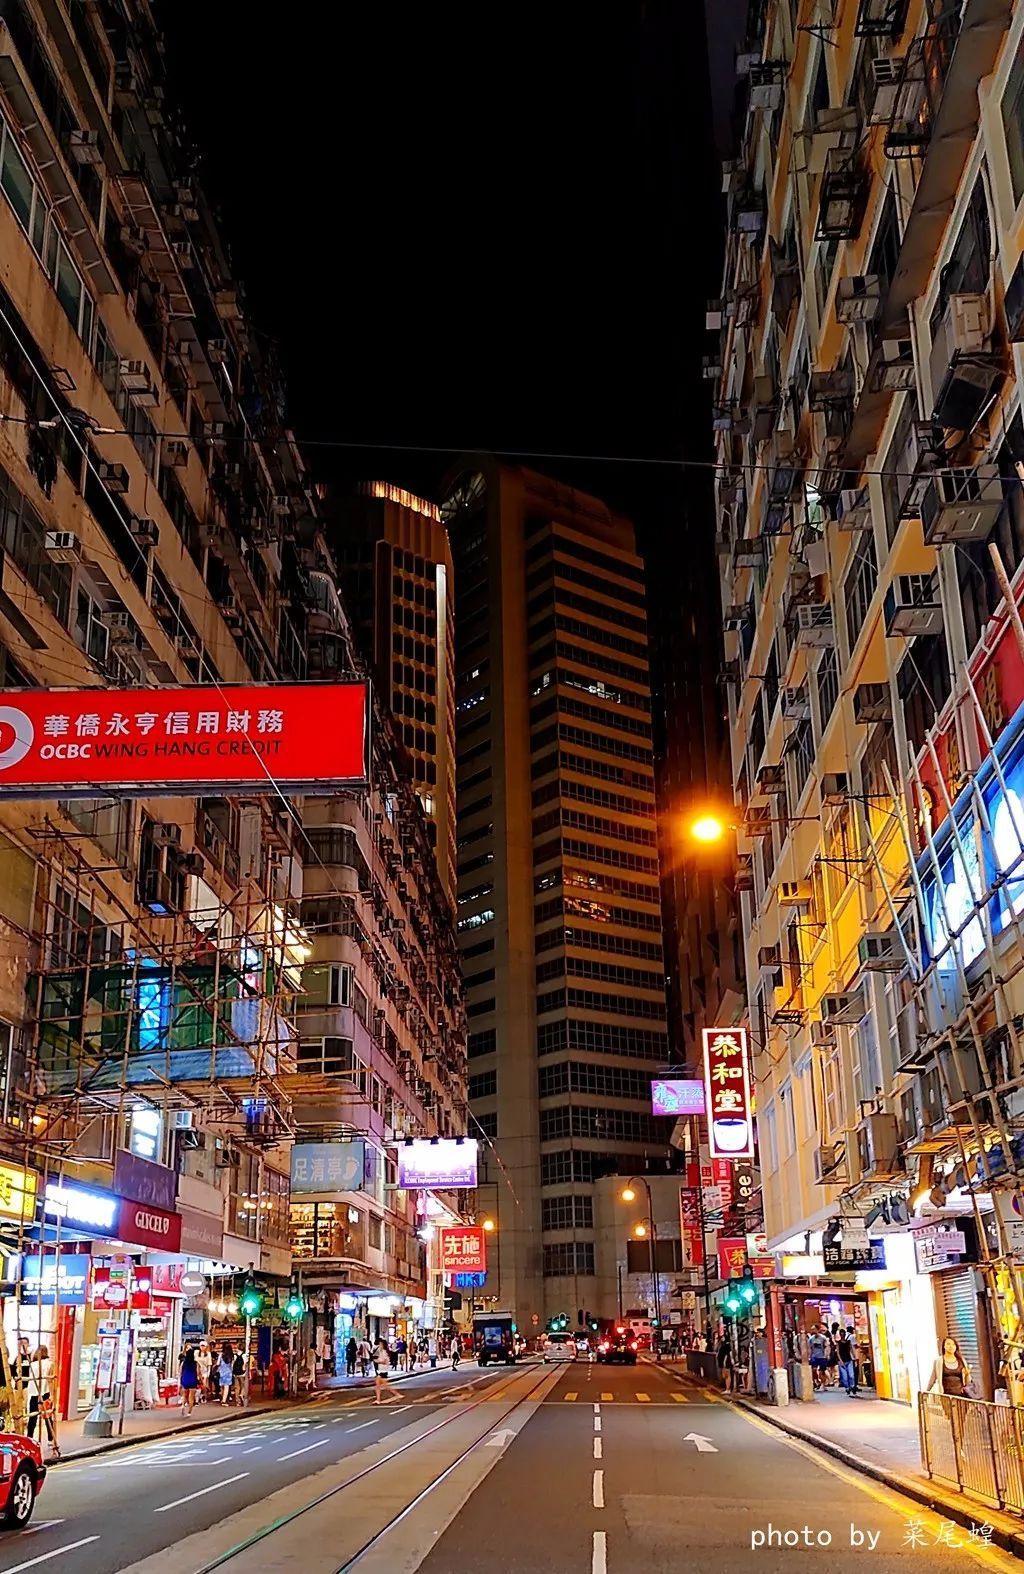 开通高铁后的香港怎么玩?小长假去海洋公园哈啰喂疯狂一次吧!